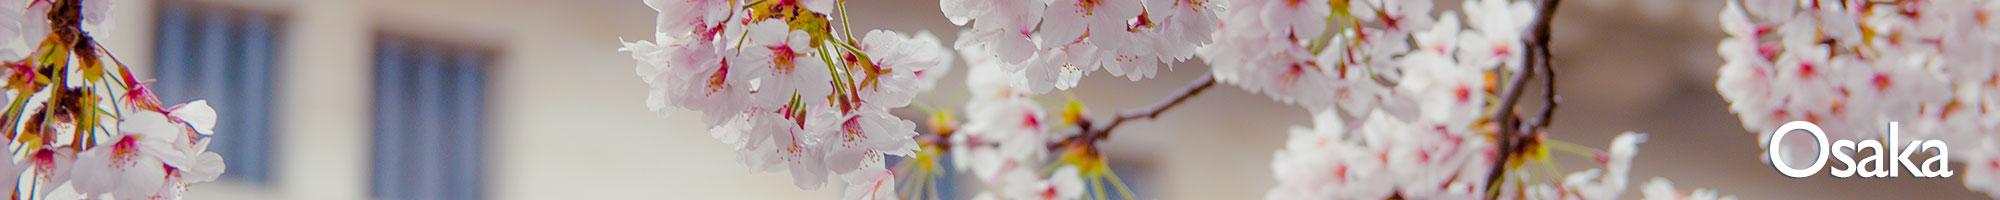 Osaka+Sakura.jpeg